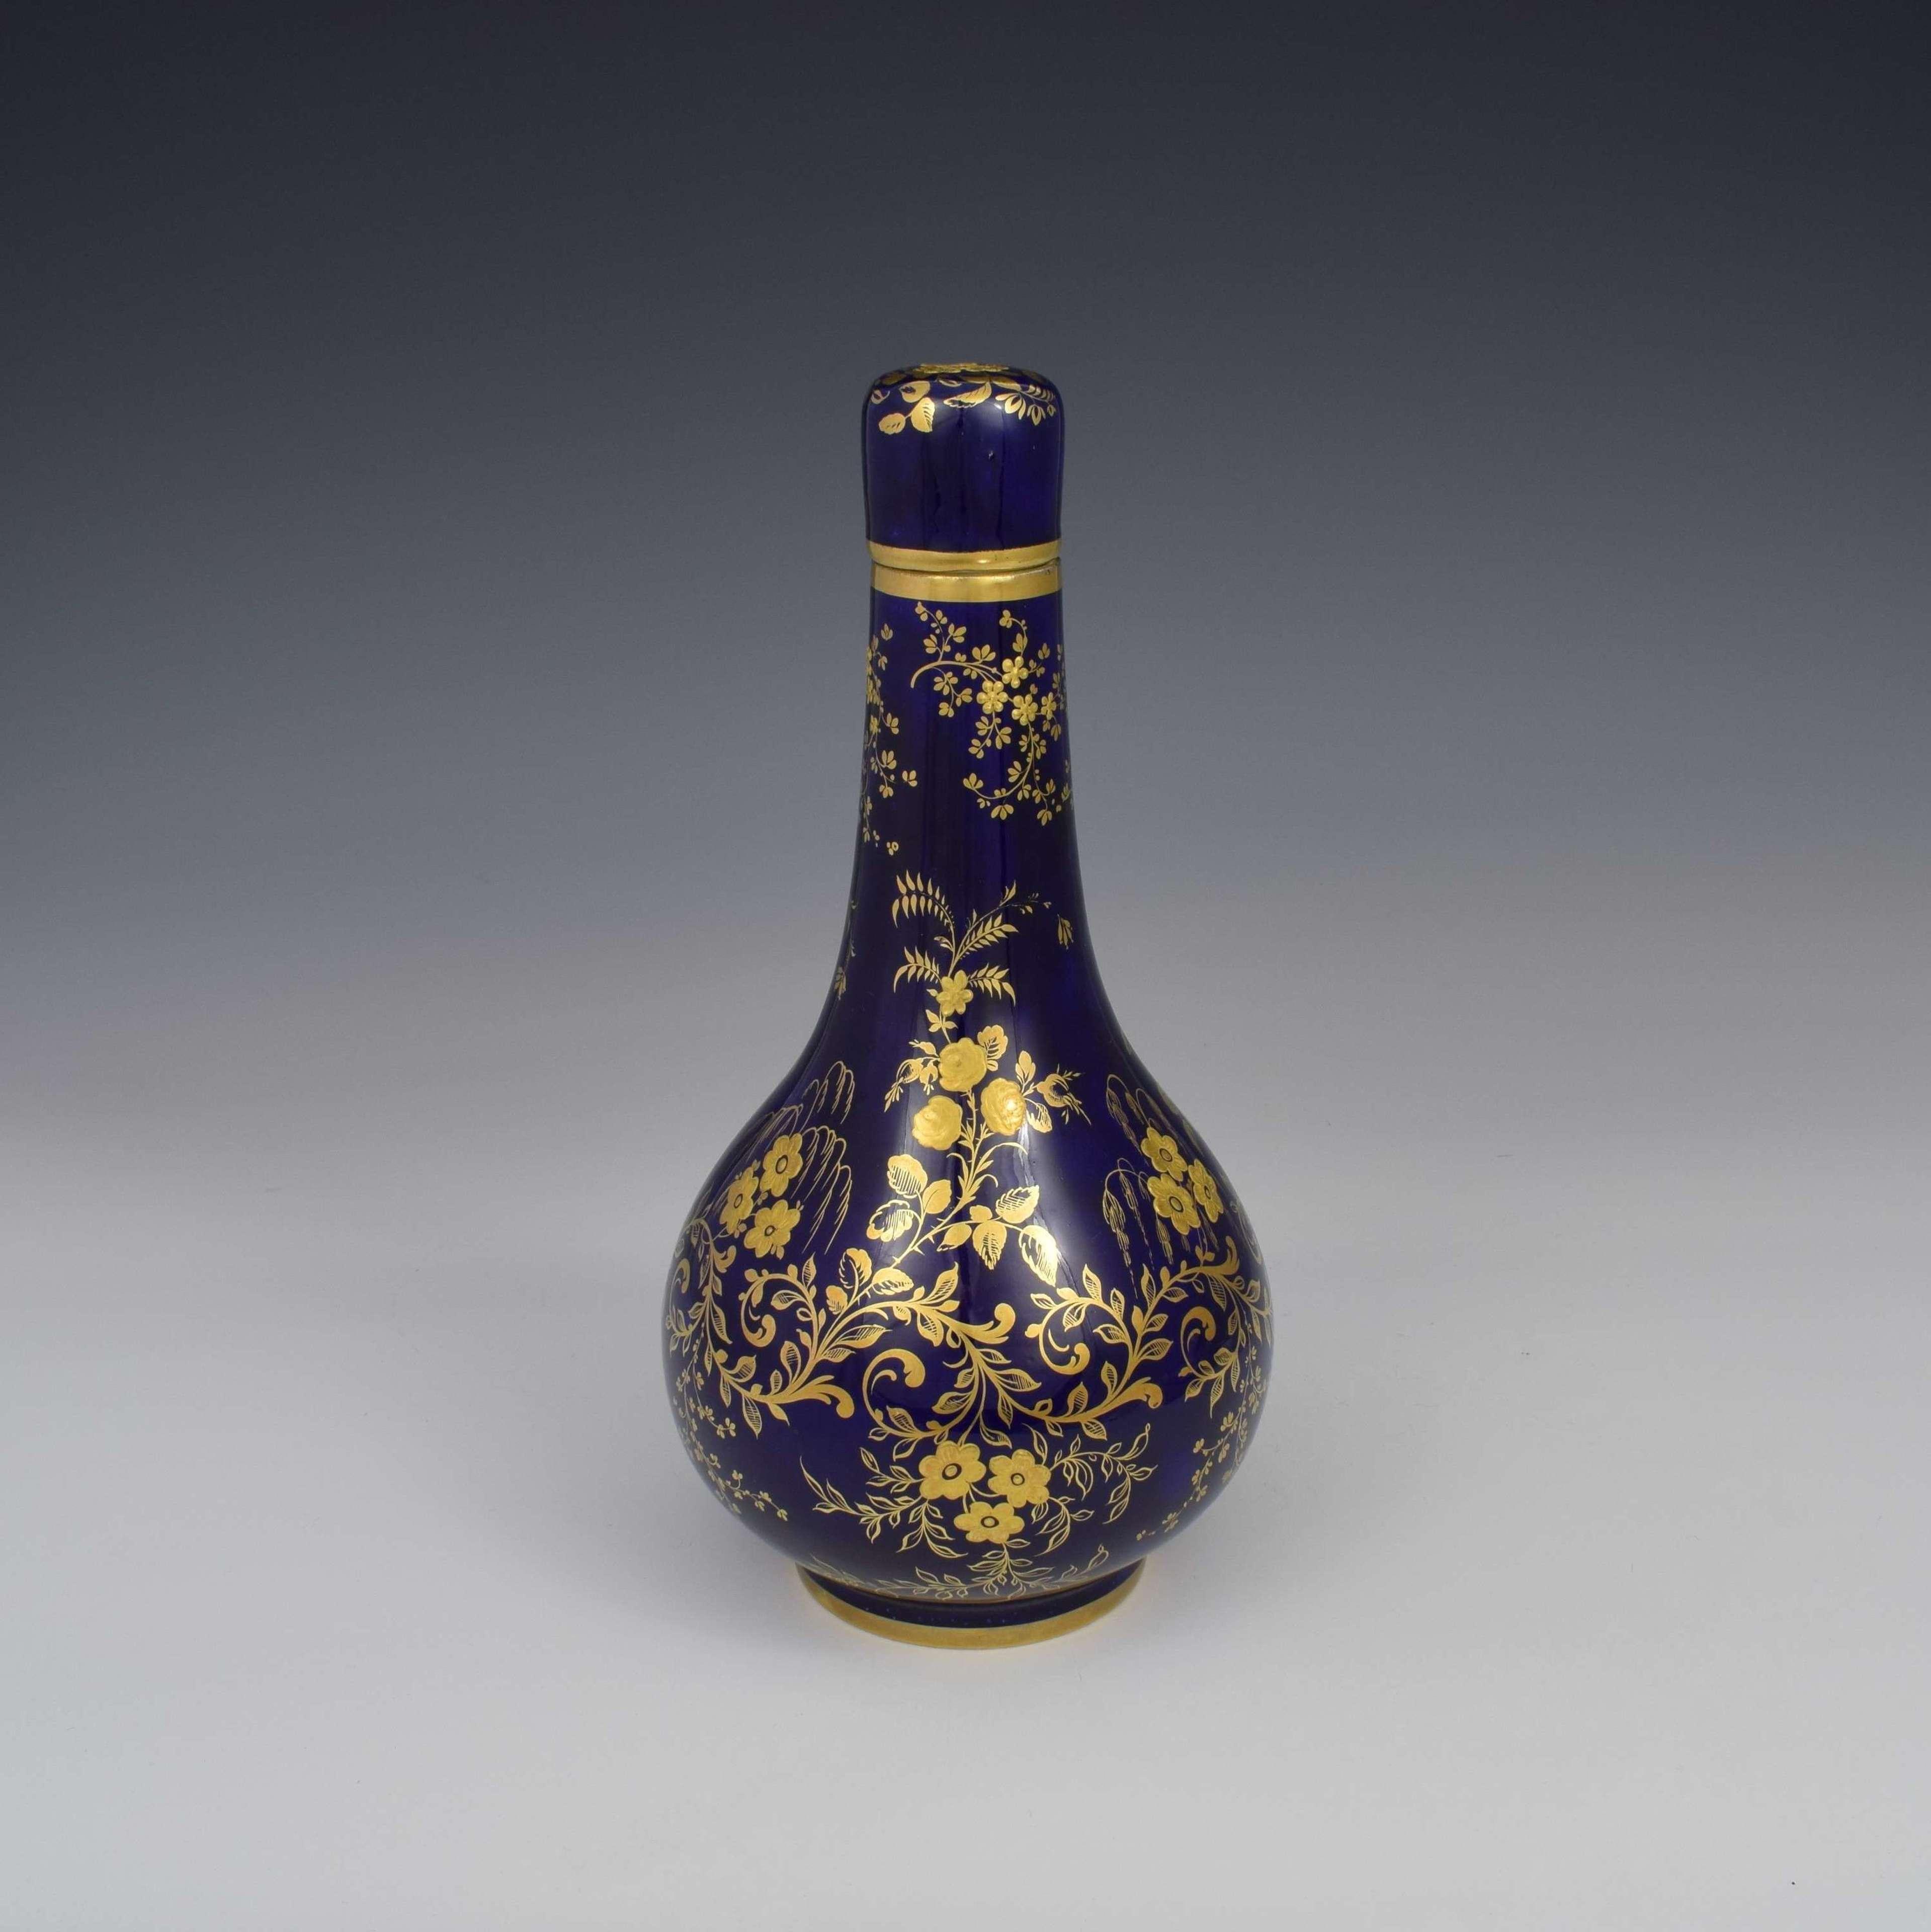 Derby Porcelain Sevres Style Bottle Vase & Cover c.1835